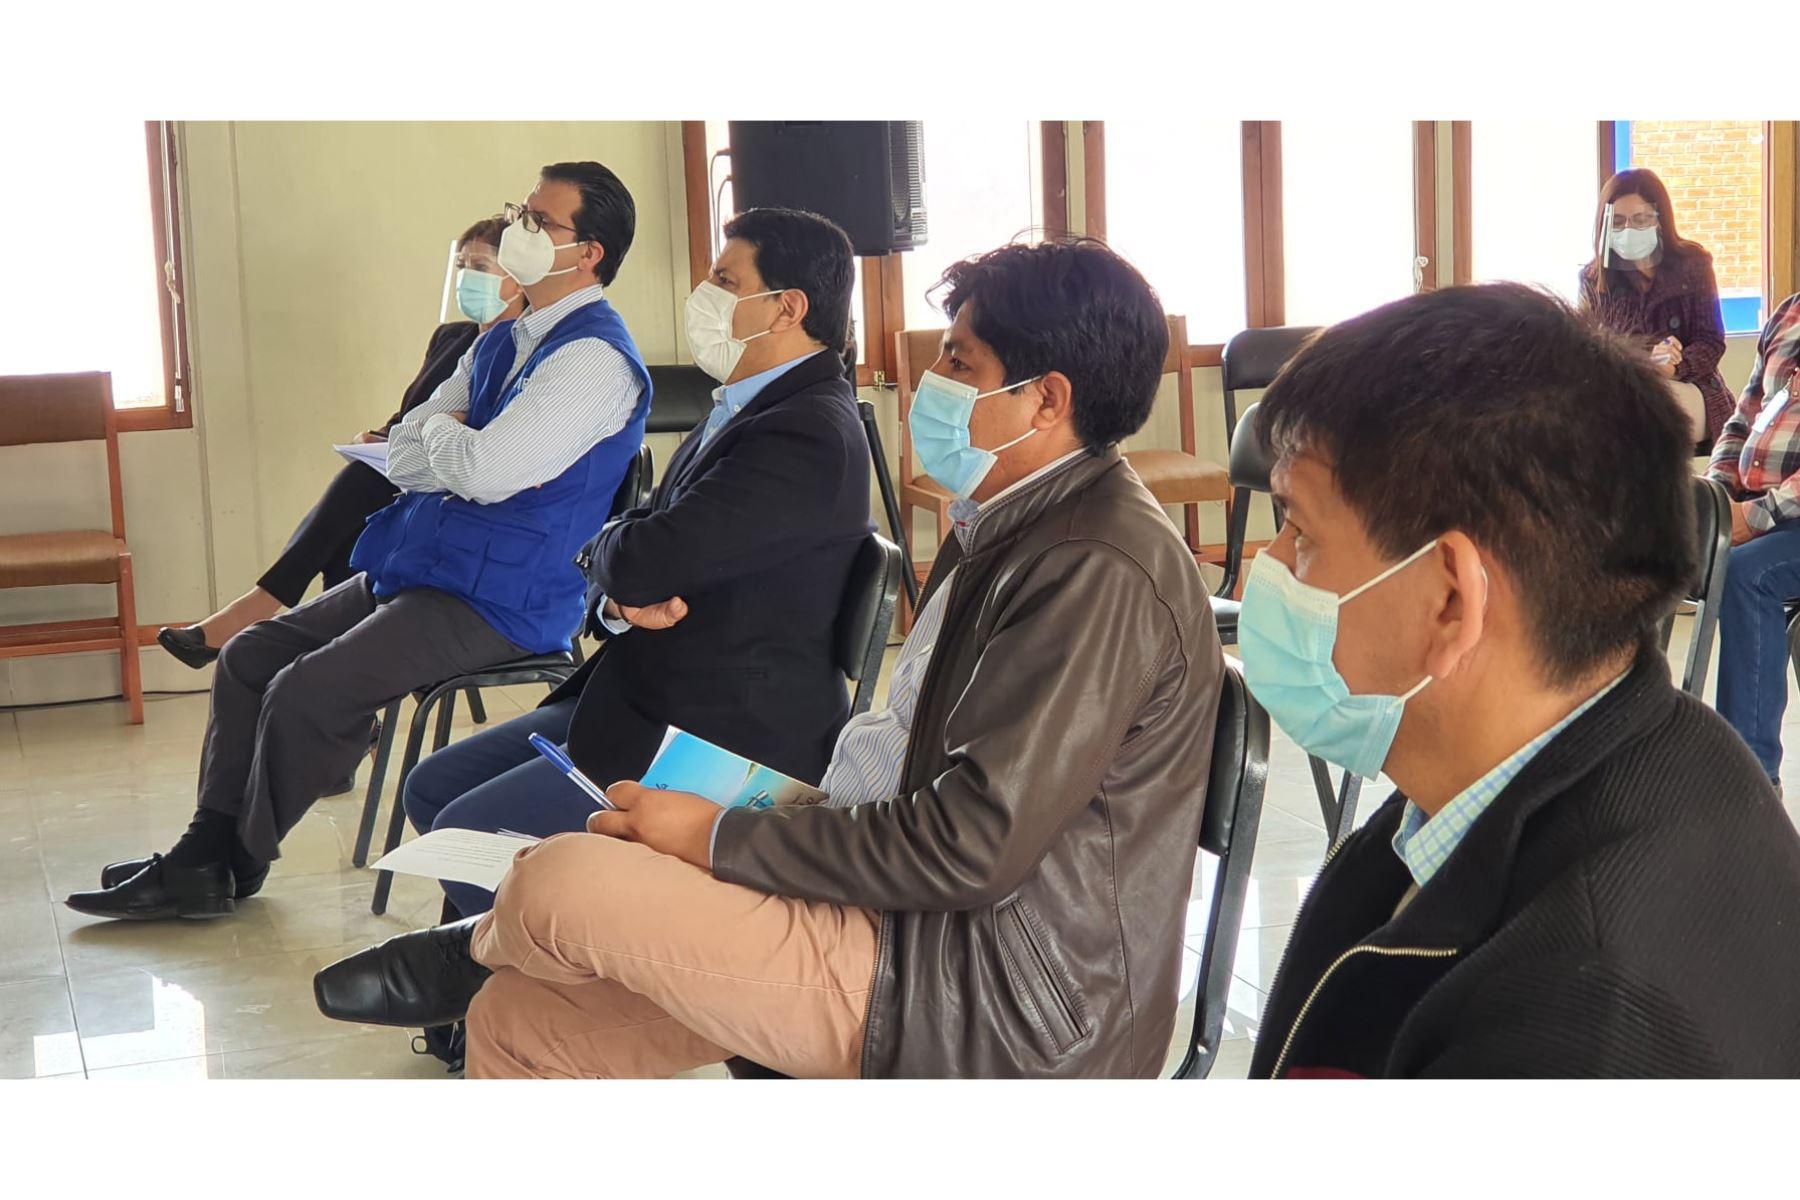 El Gobierno Regional de Ancash, decidió solicitar la ampliación del convenio con la Organización Panamericana de la Salud (OPS) y el Programa Mundial de Alimentos como aliado estratégico en la lucha contra la pandemia del covid 19. Foto: Gobierno Regional de Ancash